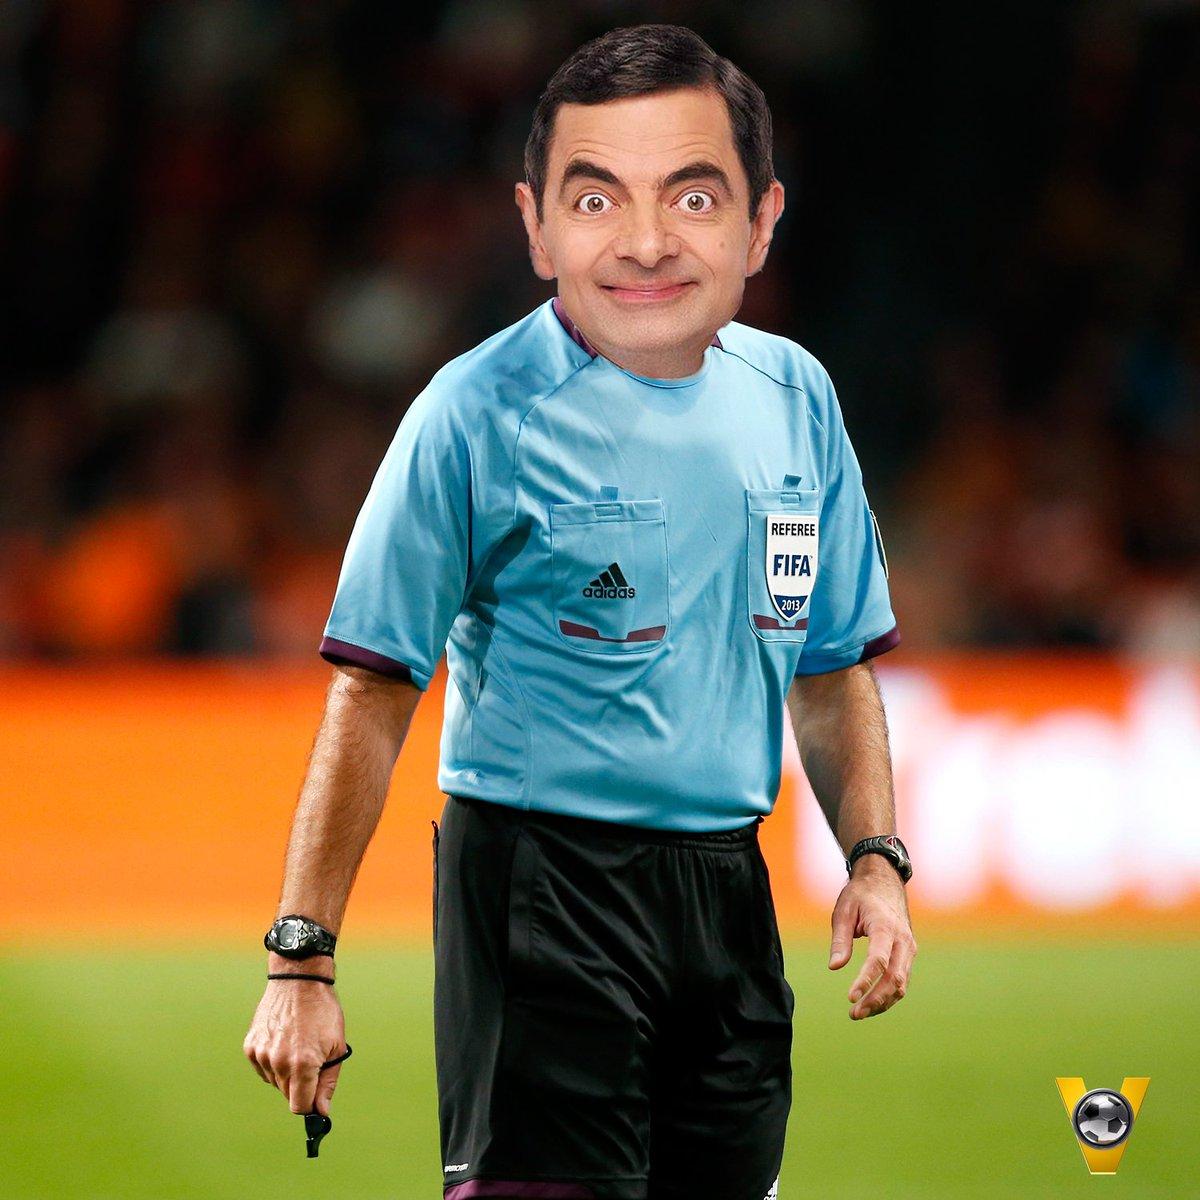 Foto opgedoken na PSV - Atlético (0-1): UEFA stuurde verkeerde Atkinson naar Eindhoven! :O #psvatl #voetbalinside https://t.co/mY1ySk3EKJ